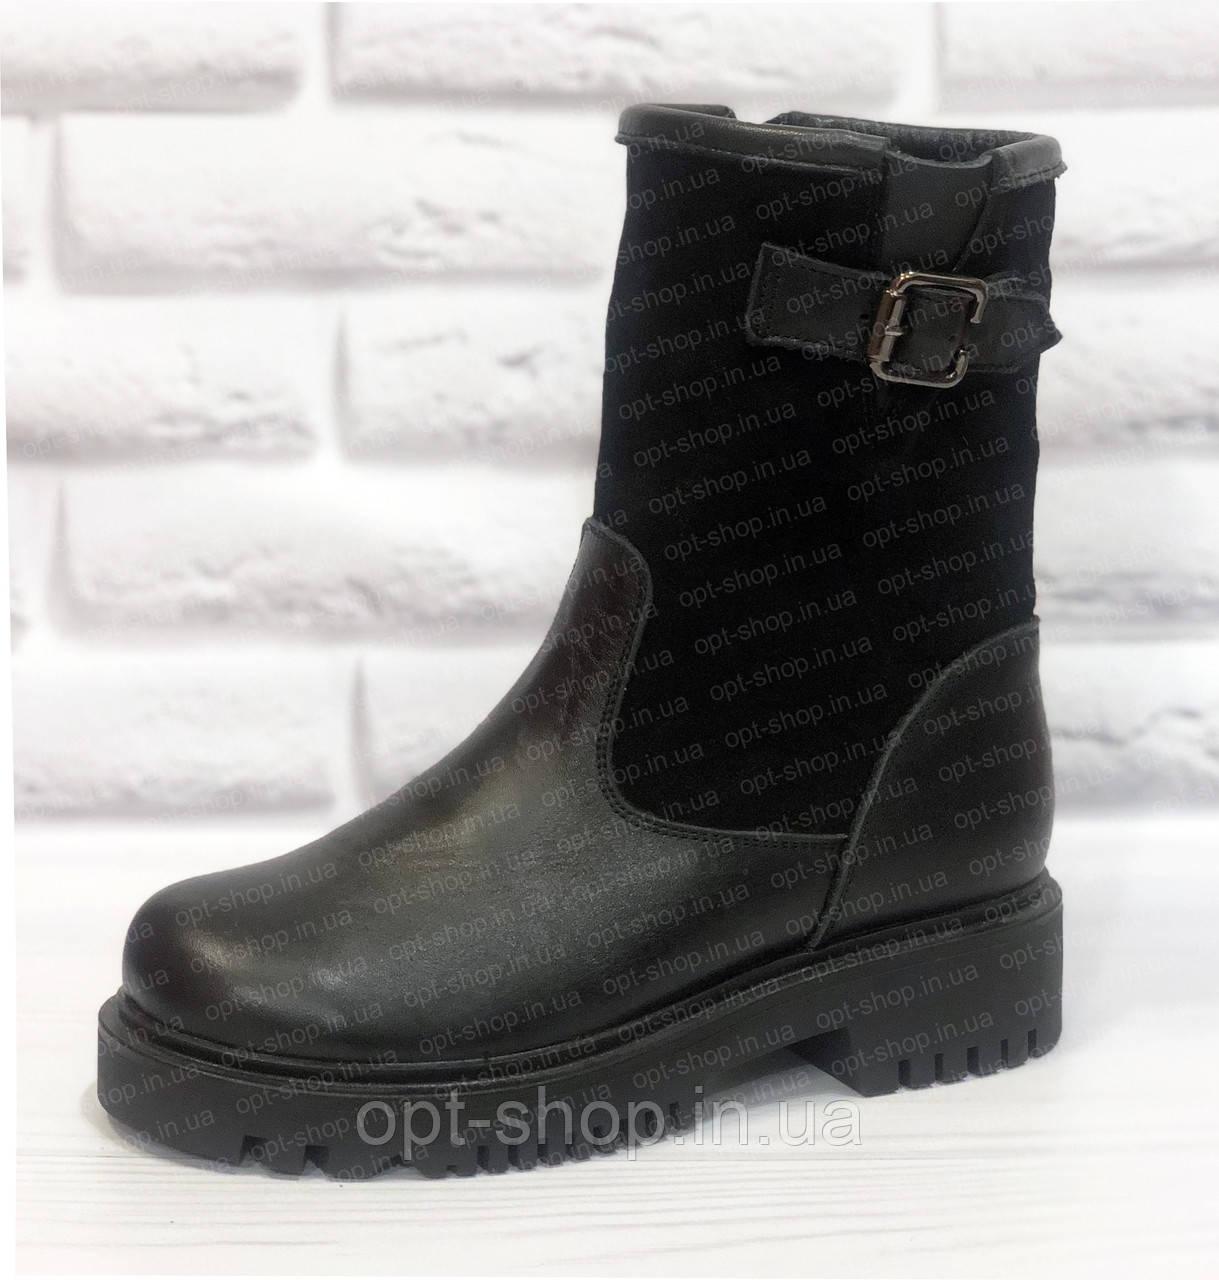 Женские зимние сапоги кожаные на низком ходу, сапоги ботинки женские зимние кожаные от производителя